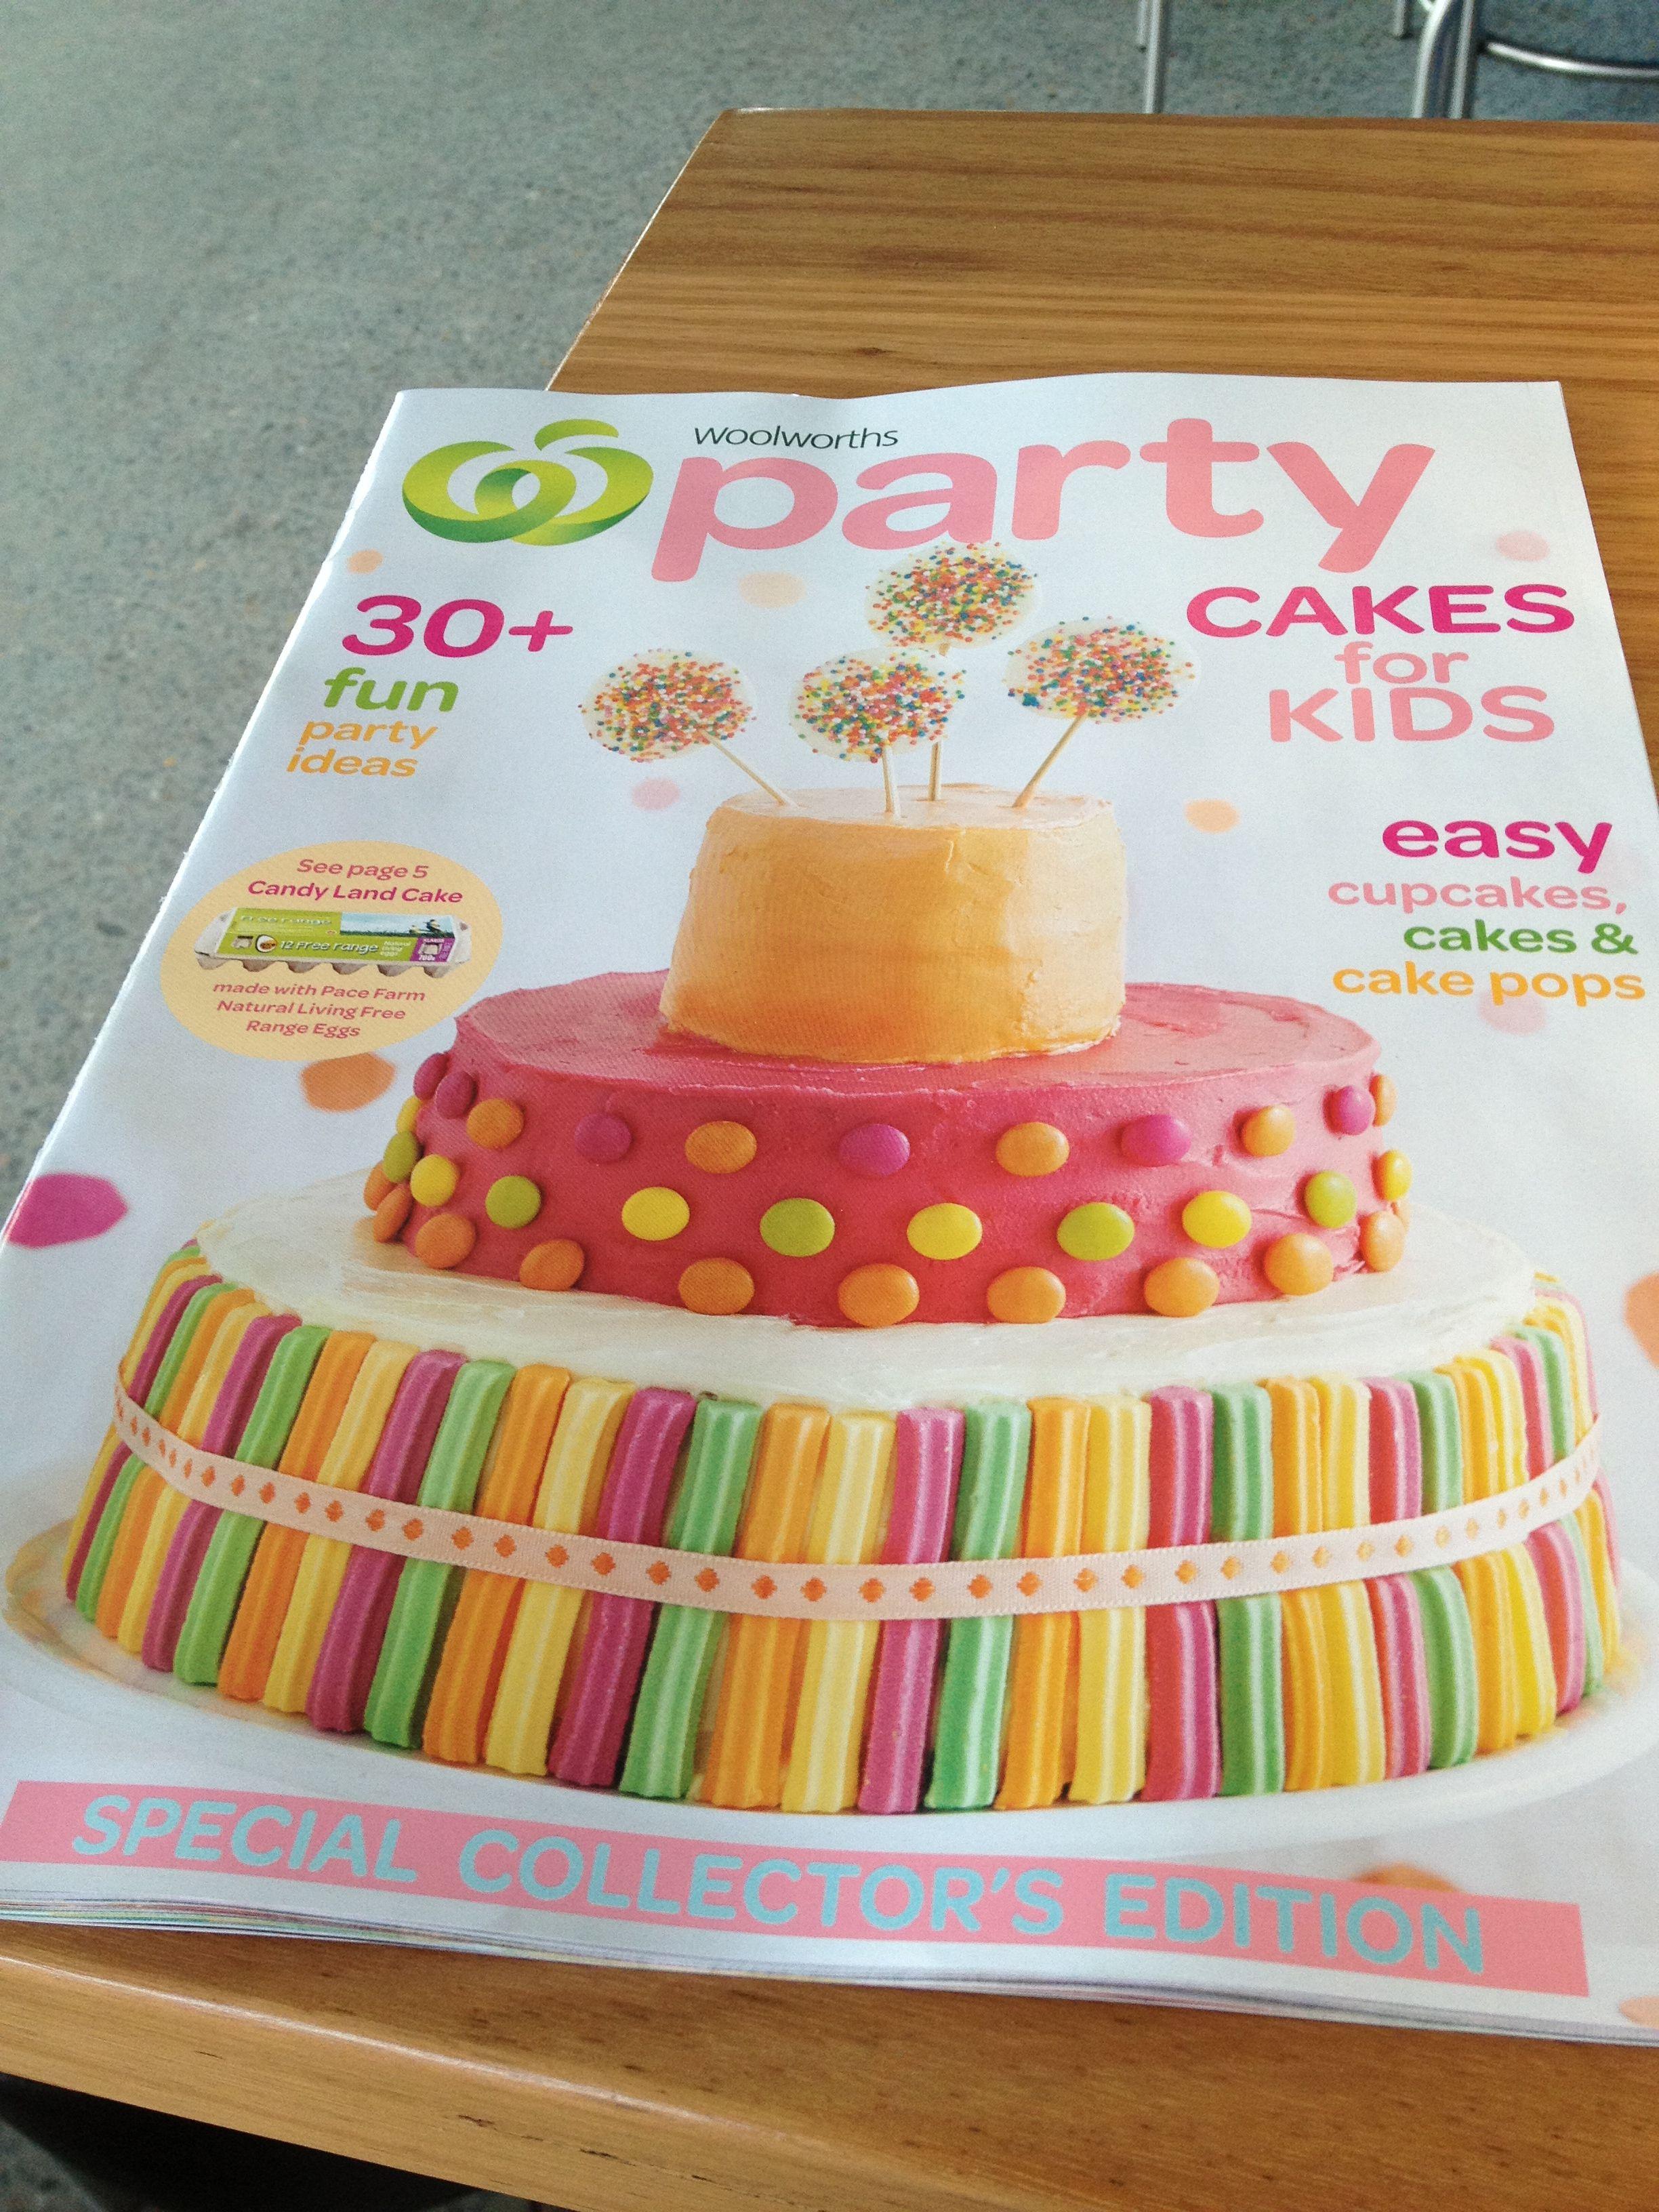 My birthday cake next year